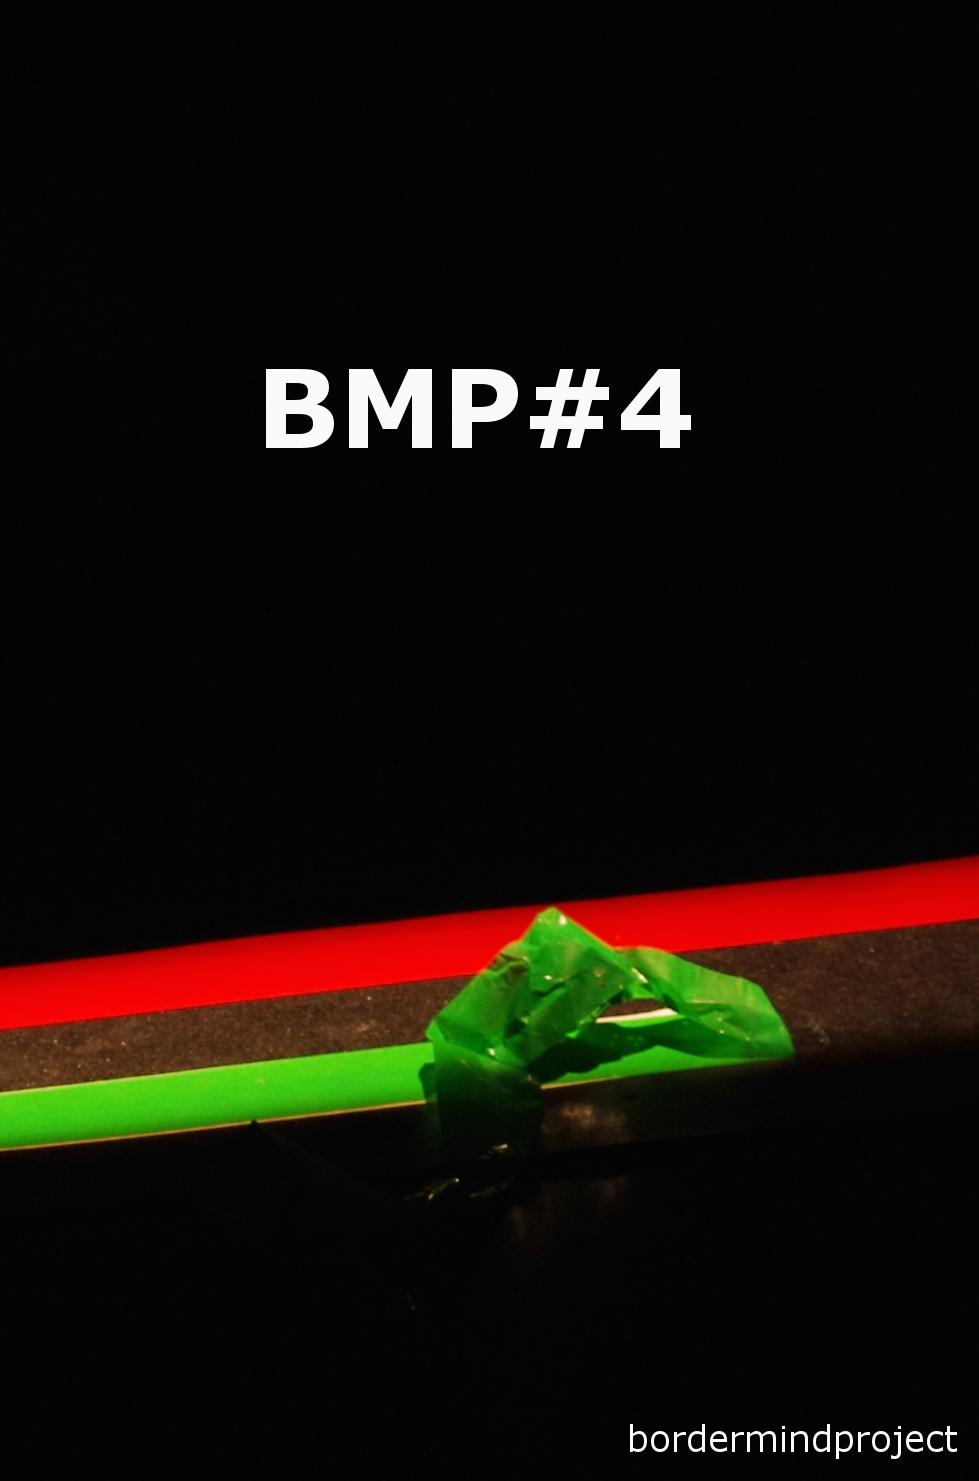 bmp42